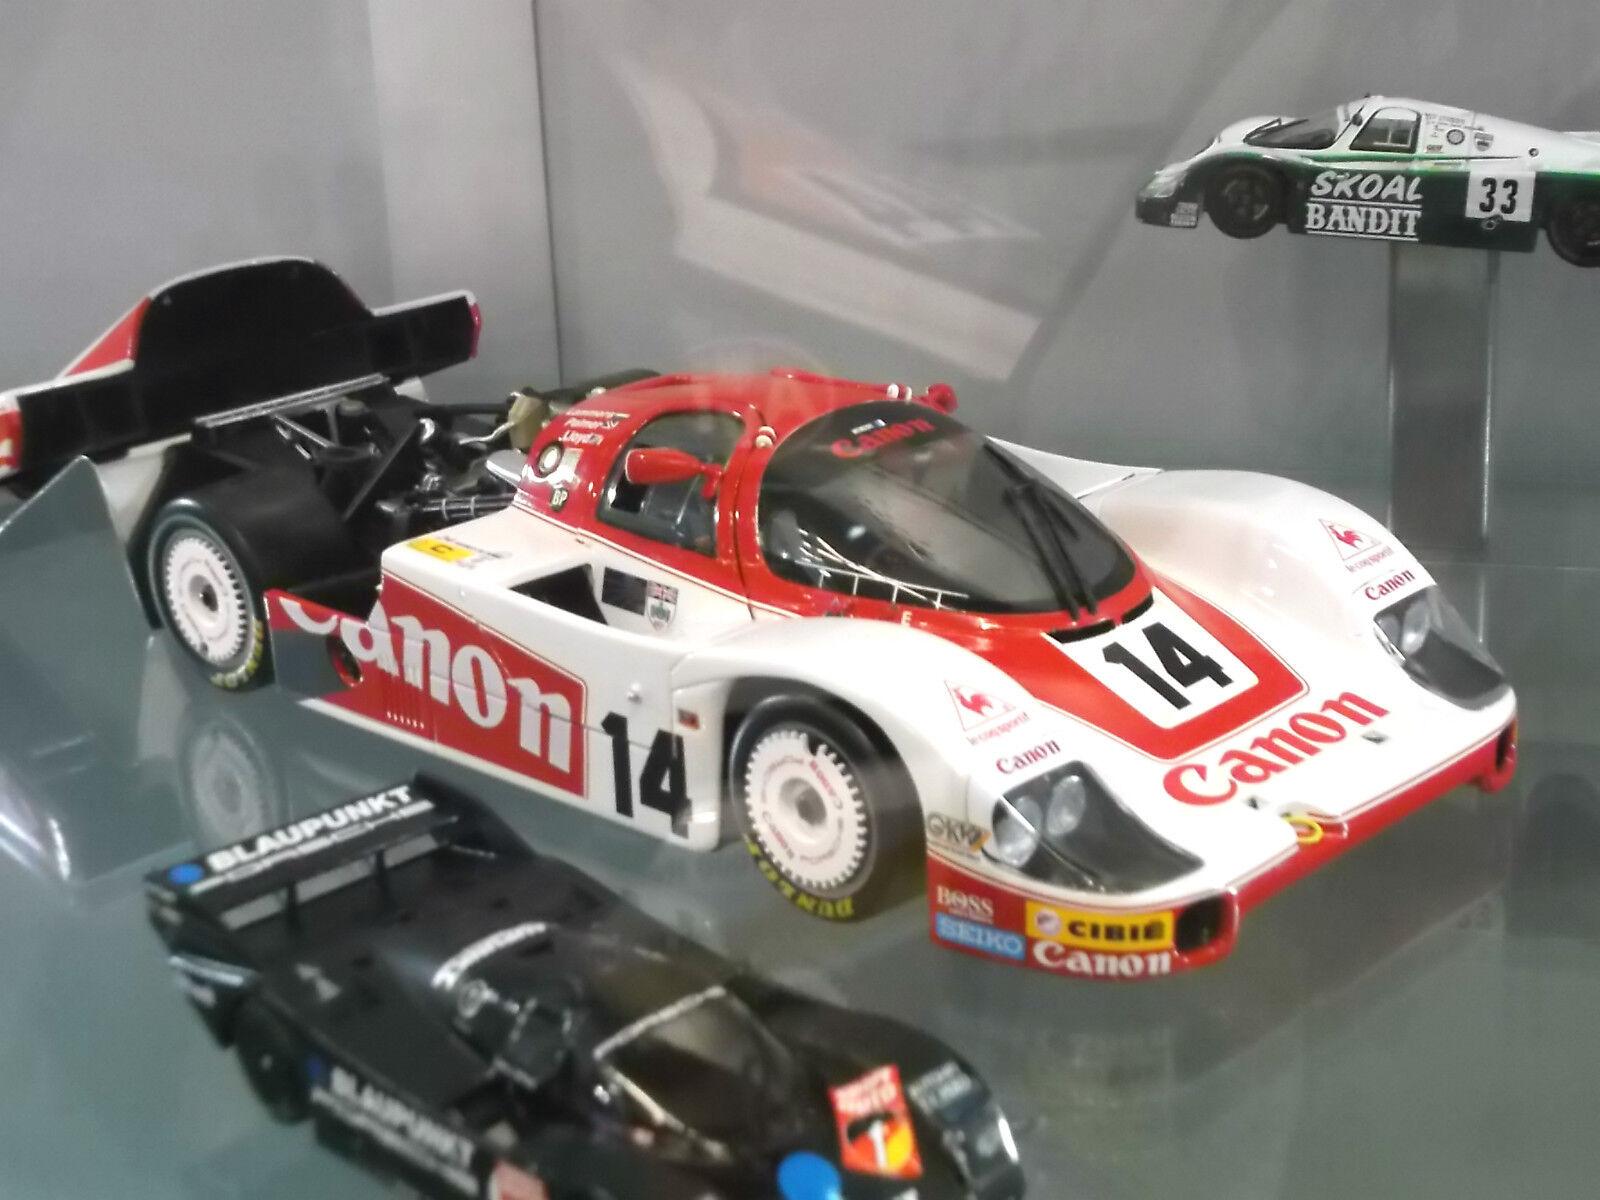 Porsche 956 LH langheck Le Femmes 1983 #14 canon palmer Lloyd agneau Minichamps 1:18   Faible Coût